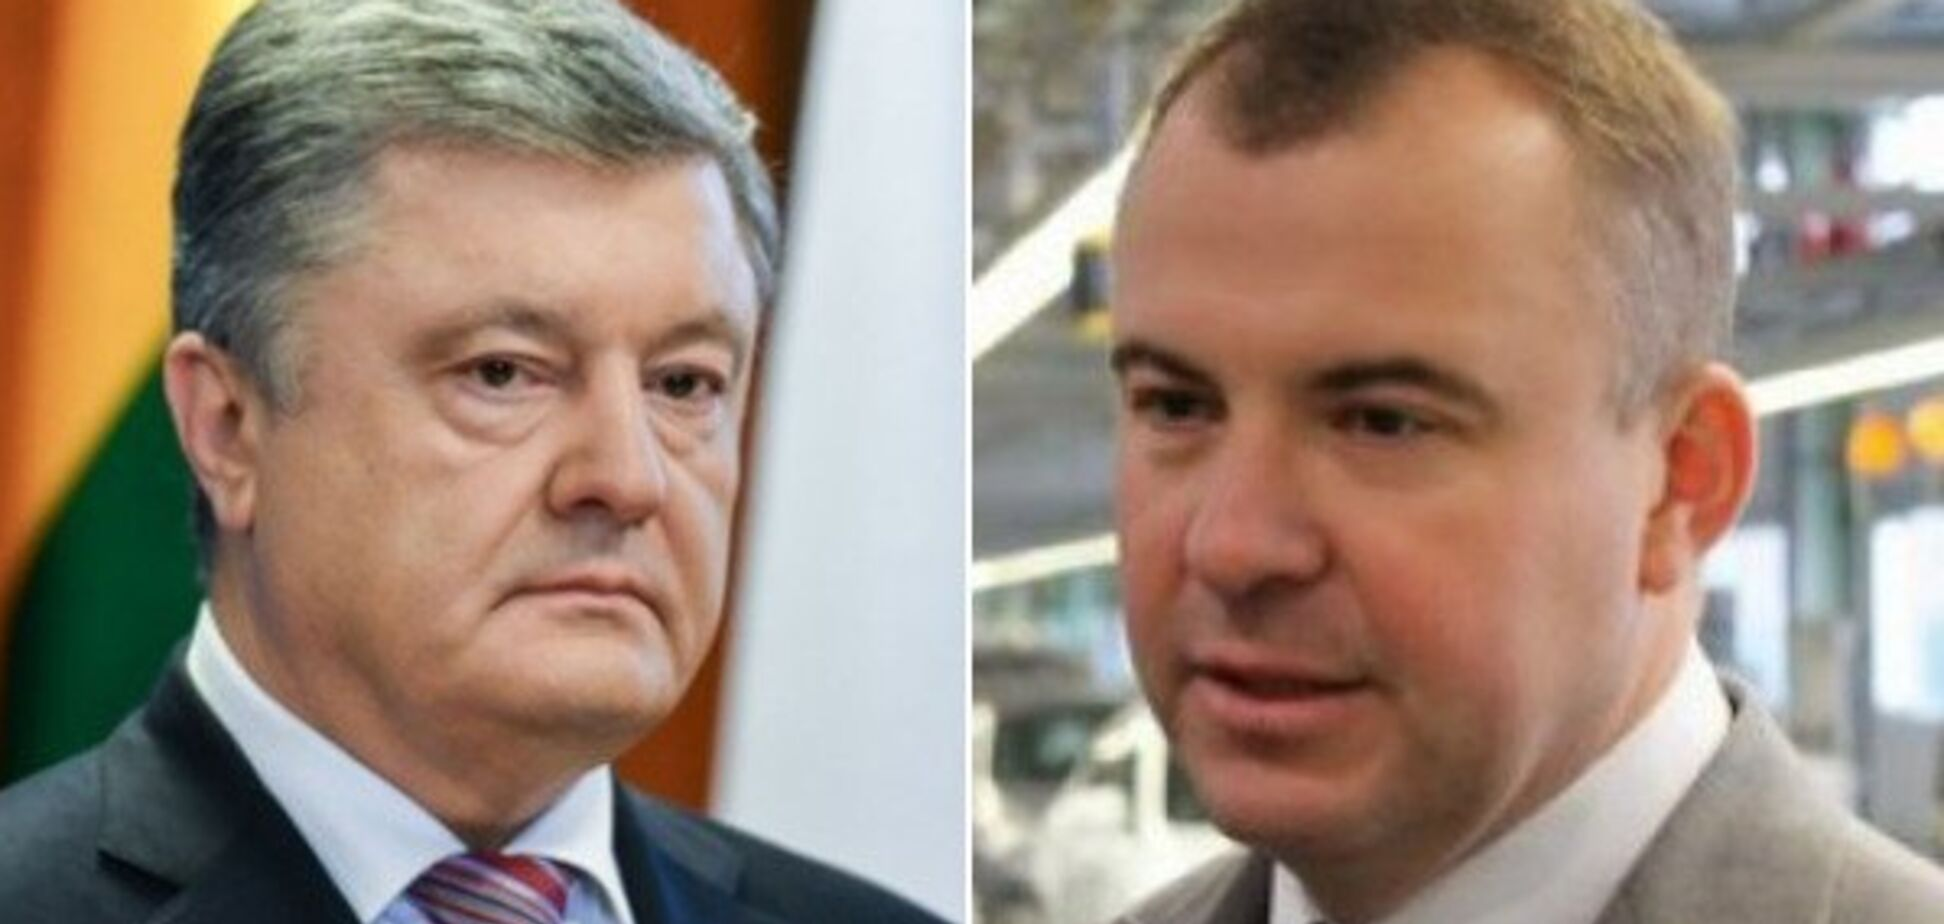 Скандал с Гладковским: появилась реакция Порошенко